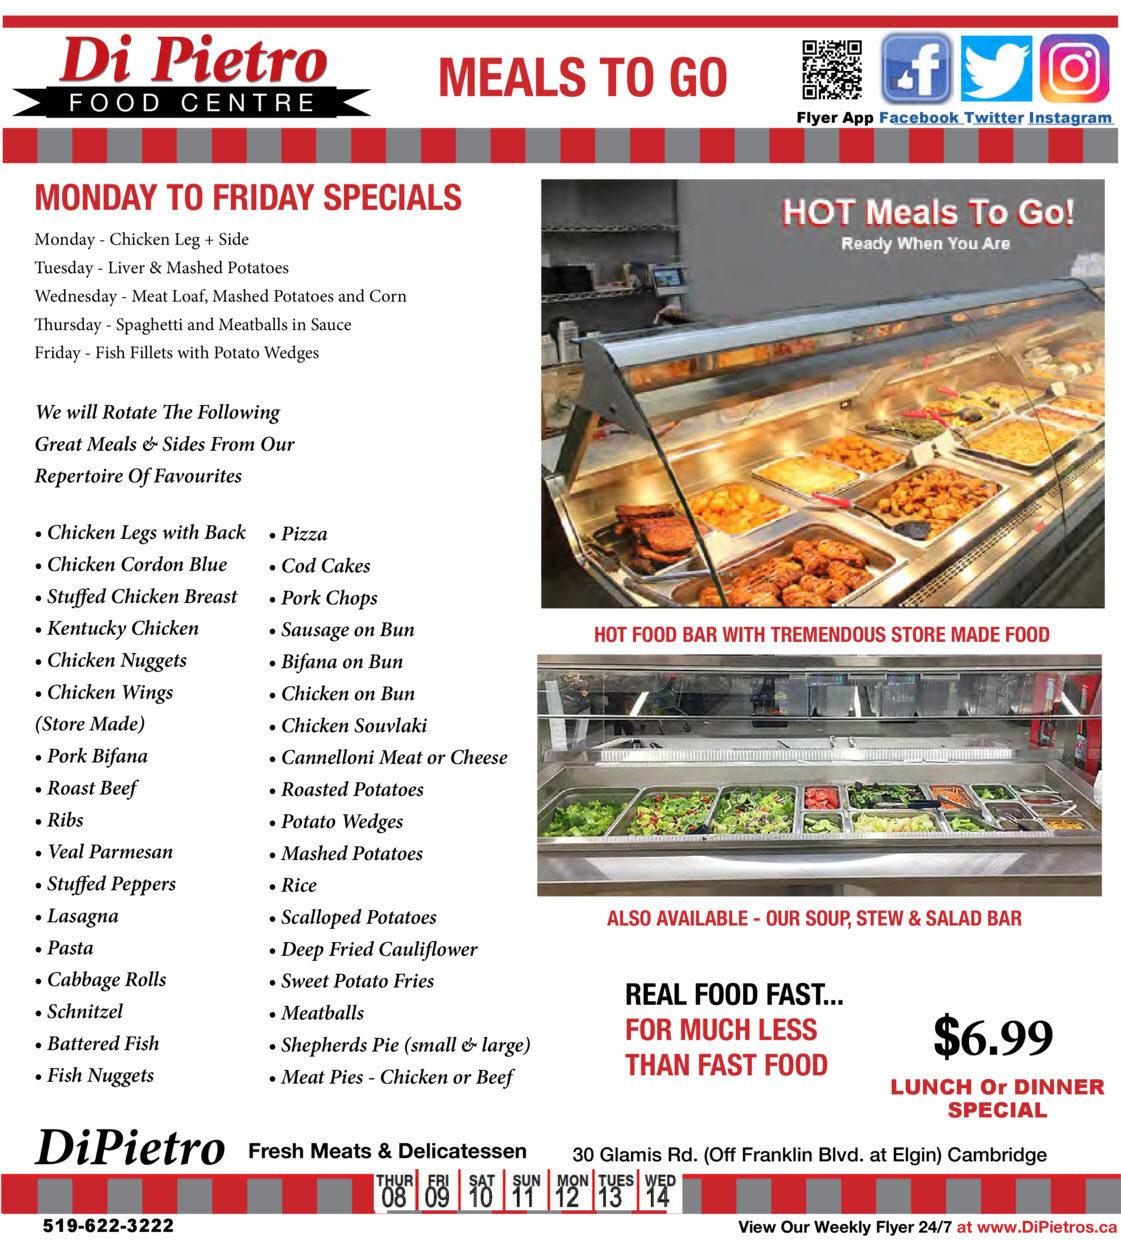 DiPietro - Weekly Flyer Specials - Page 9